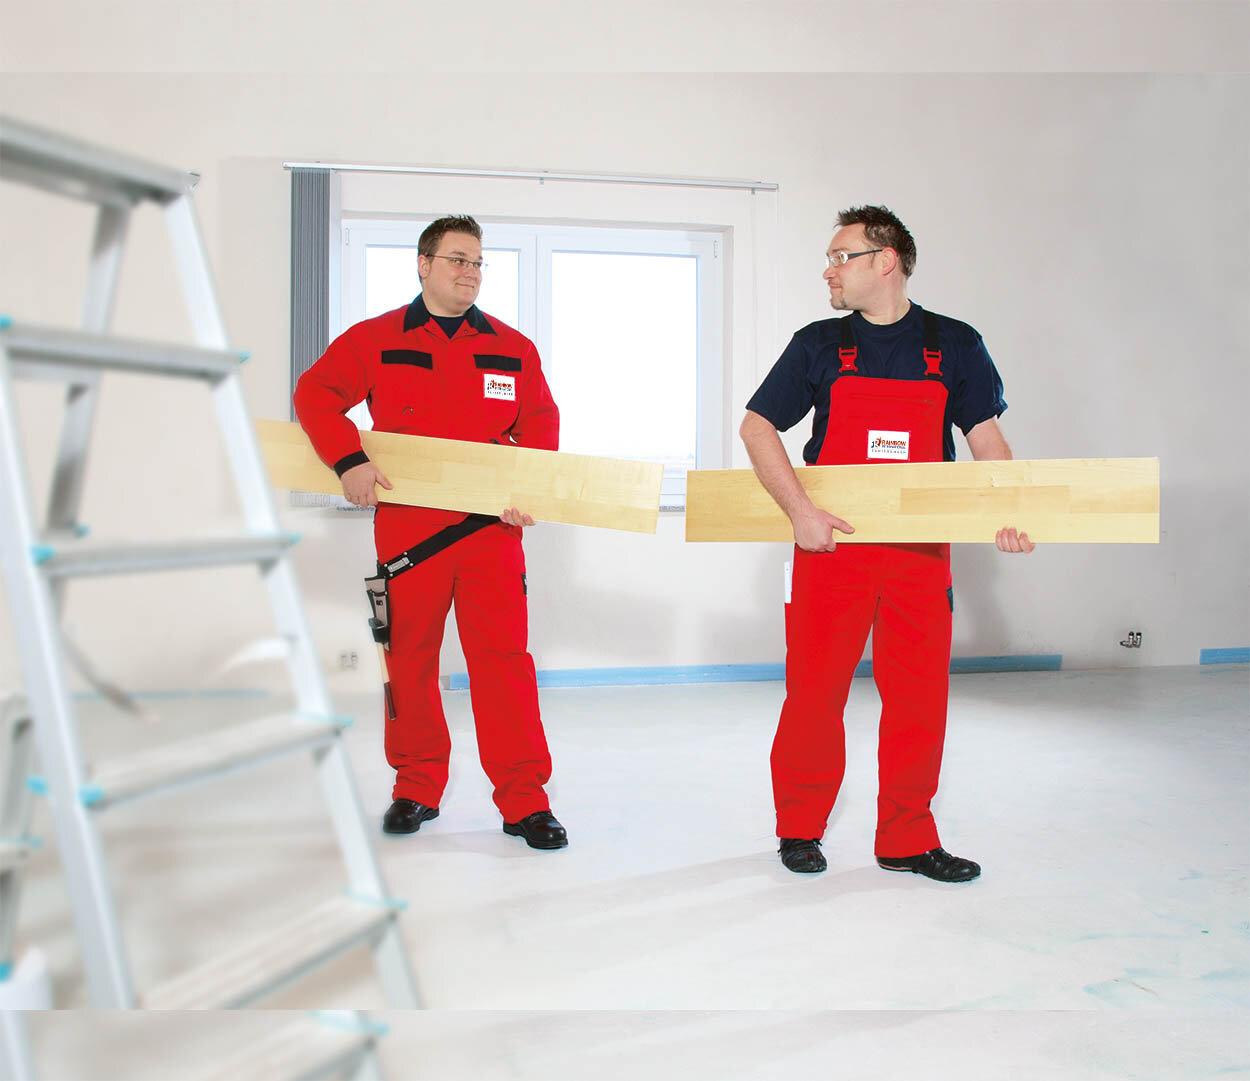 Rohrbruchortung Sanierung / Wasserschaden / Wasserschadenbeseitigung / Wasserschaden Sanierung